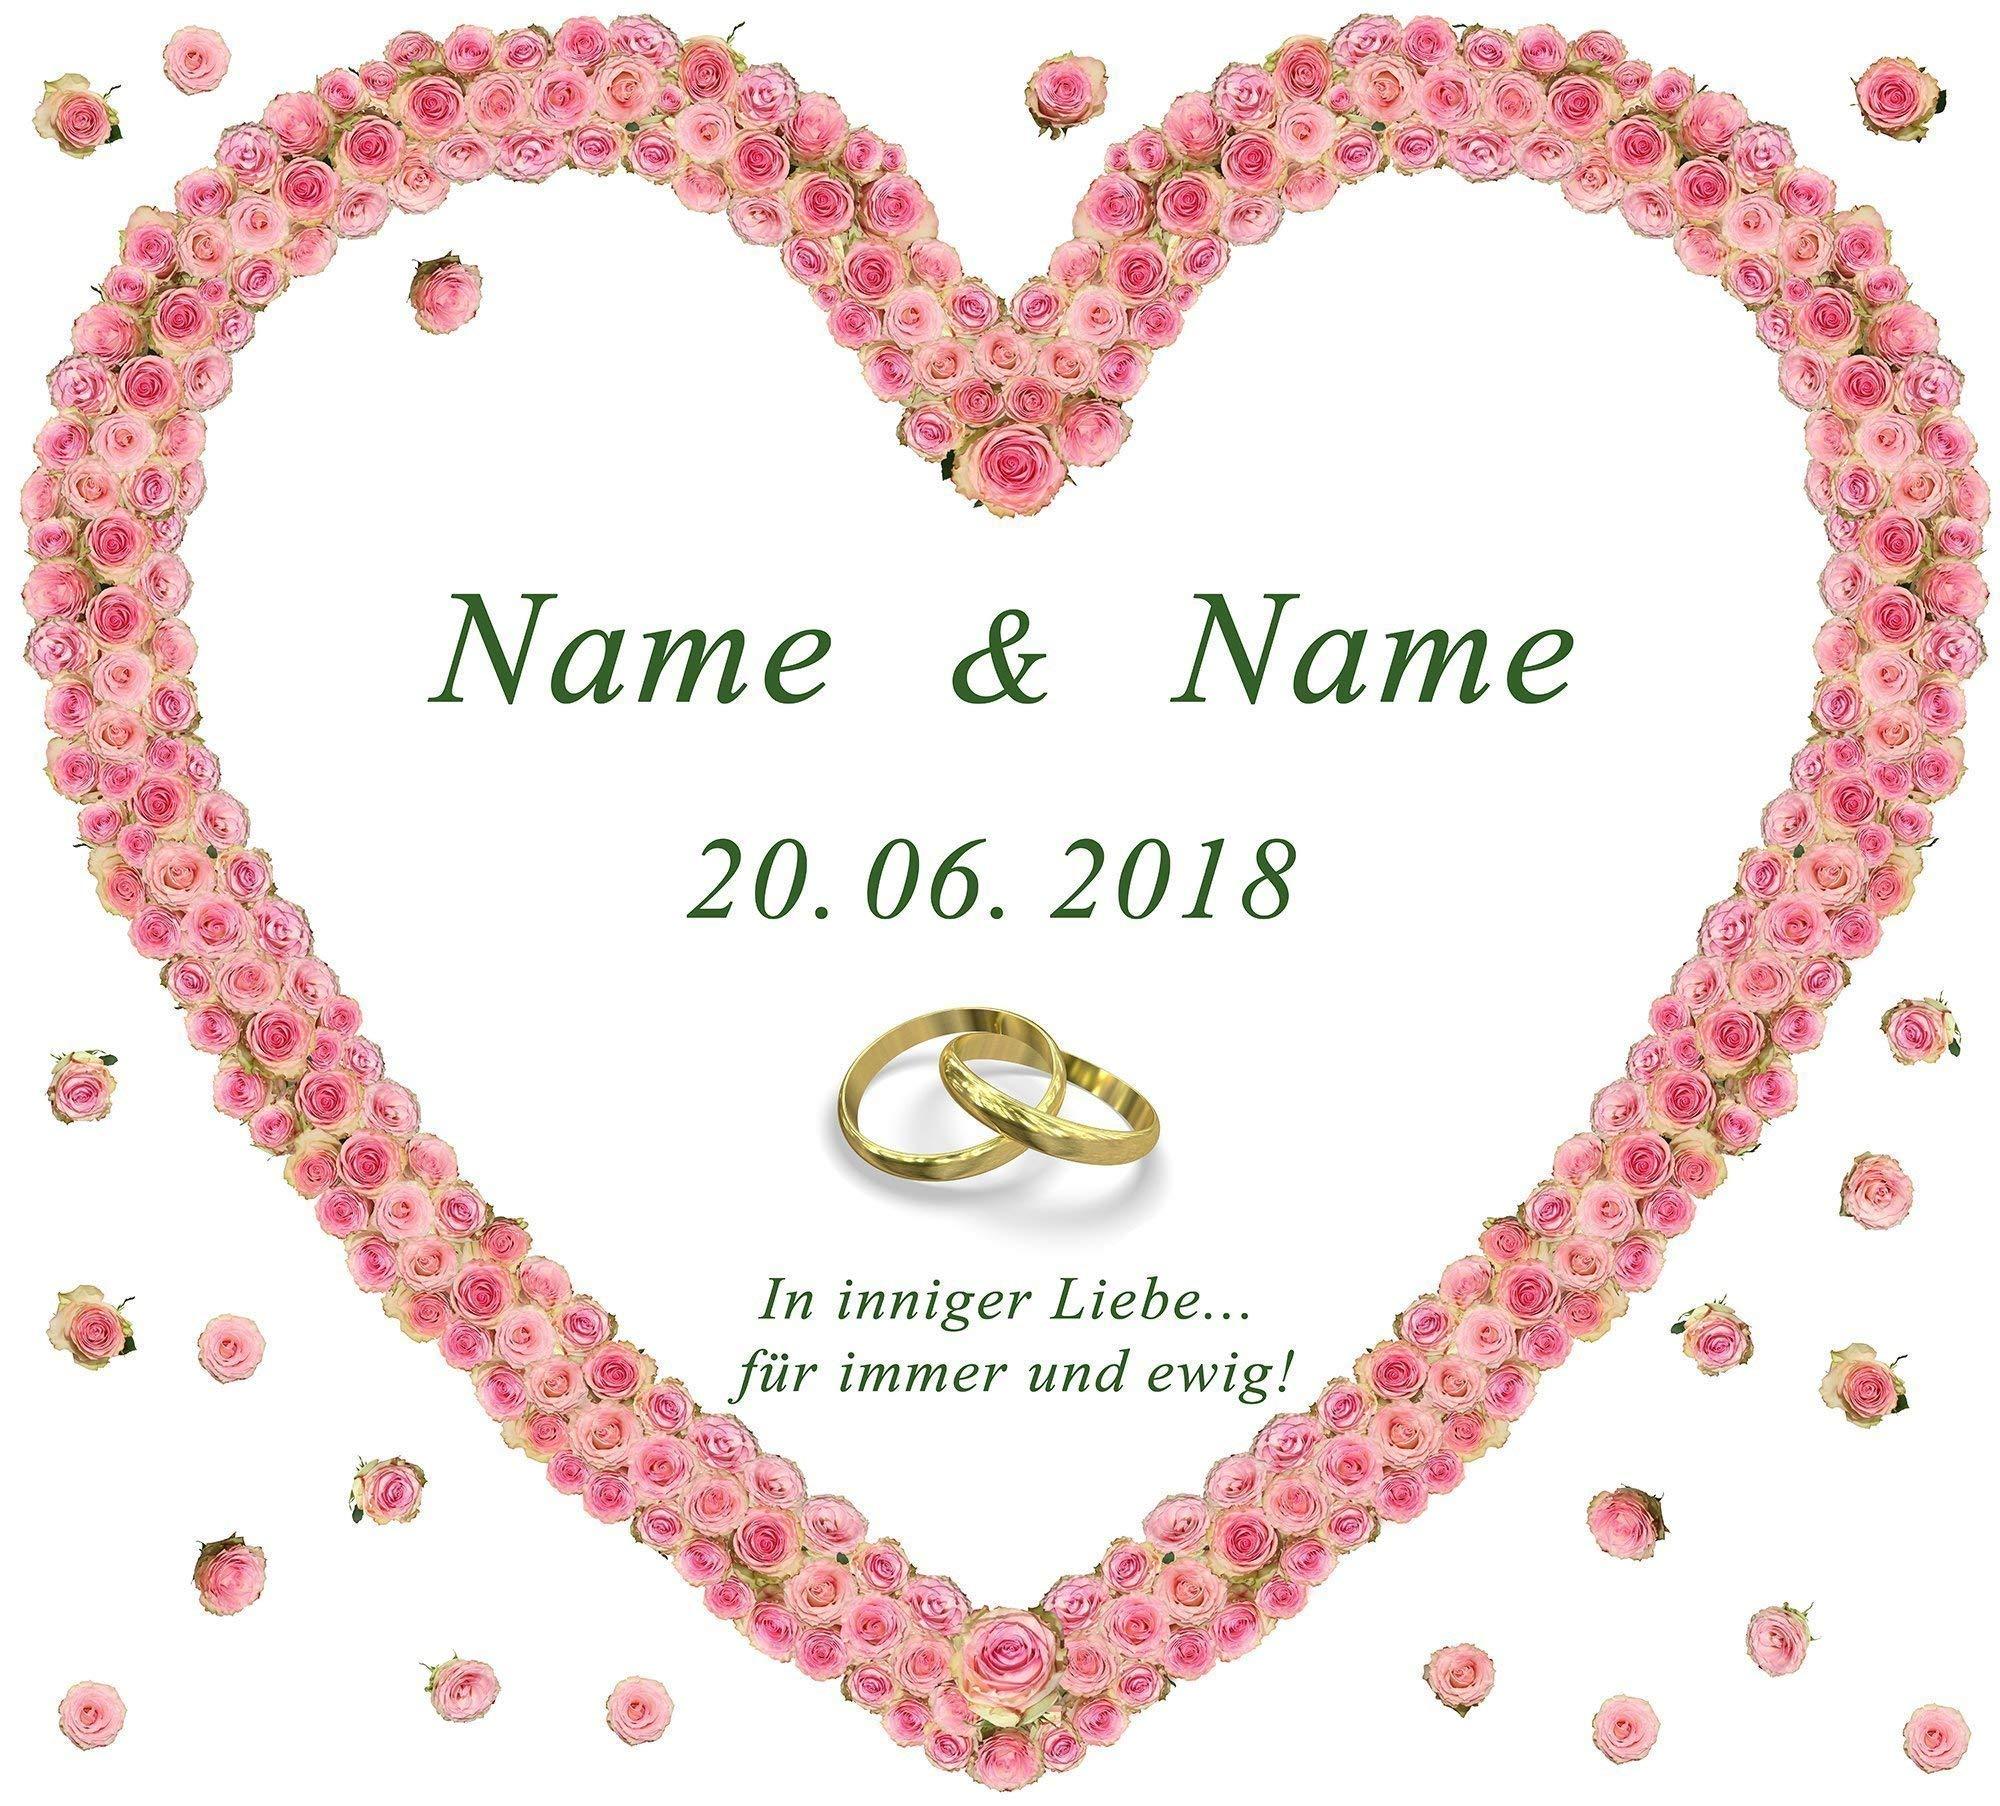 Hochzeitsherz zum Ausschneiden für das Hochzeitsspiel oder zur Hochzeitsdekoration – personalisiert mit Namen, Datum und…